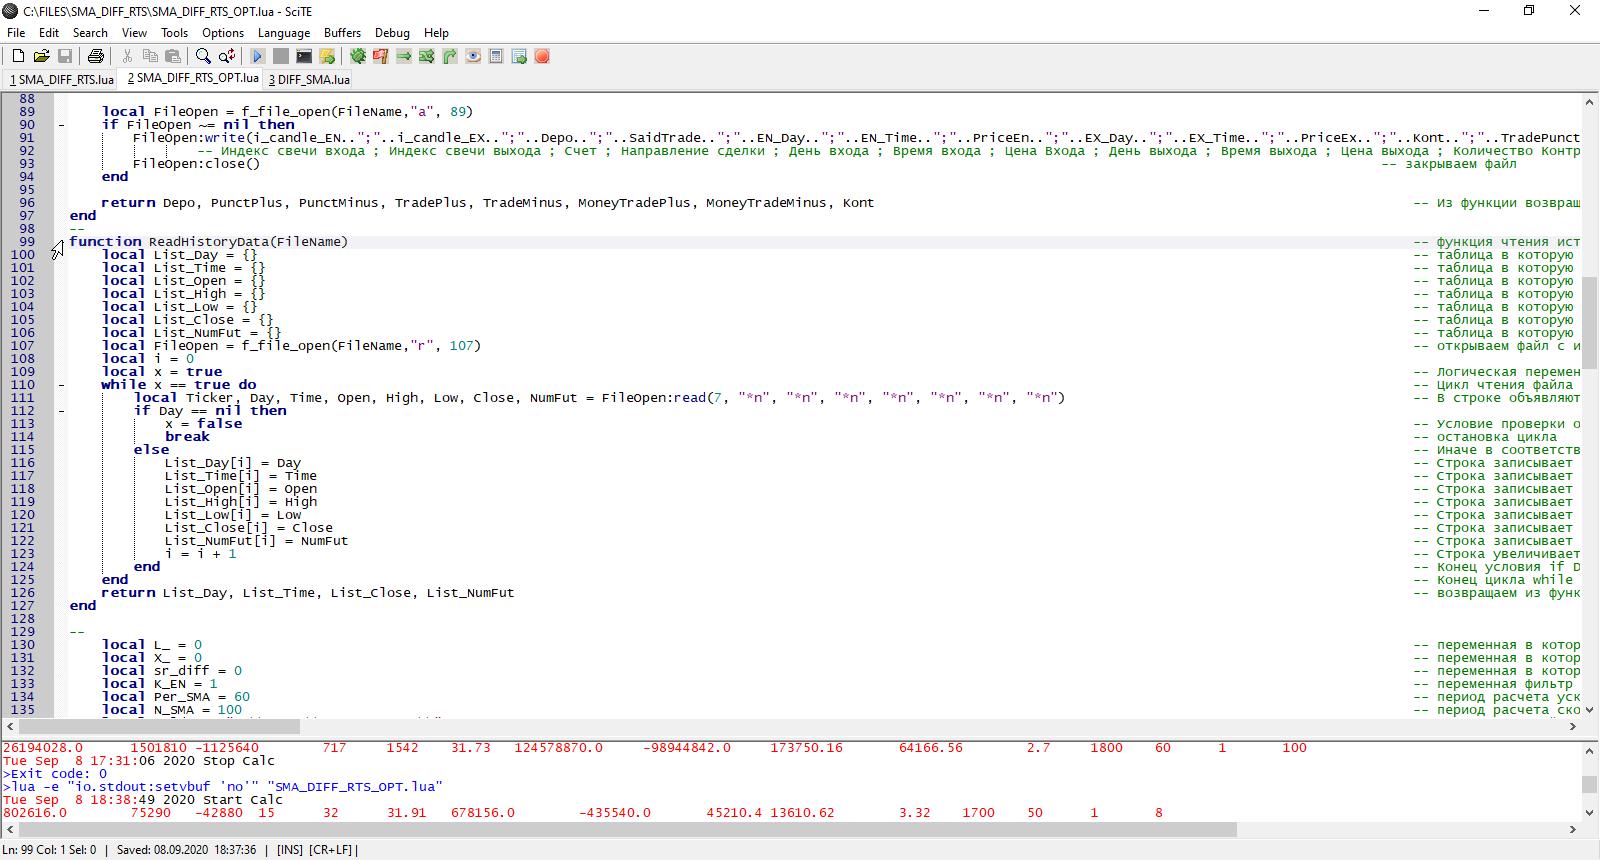 QUIK LUA чтение данных из файла с данными фьючерса РТС